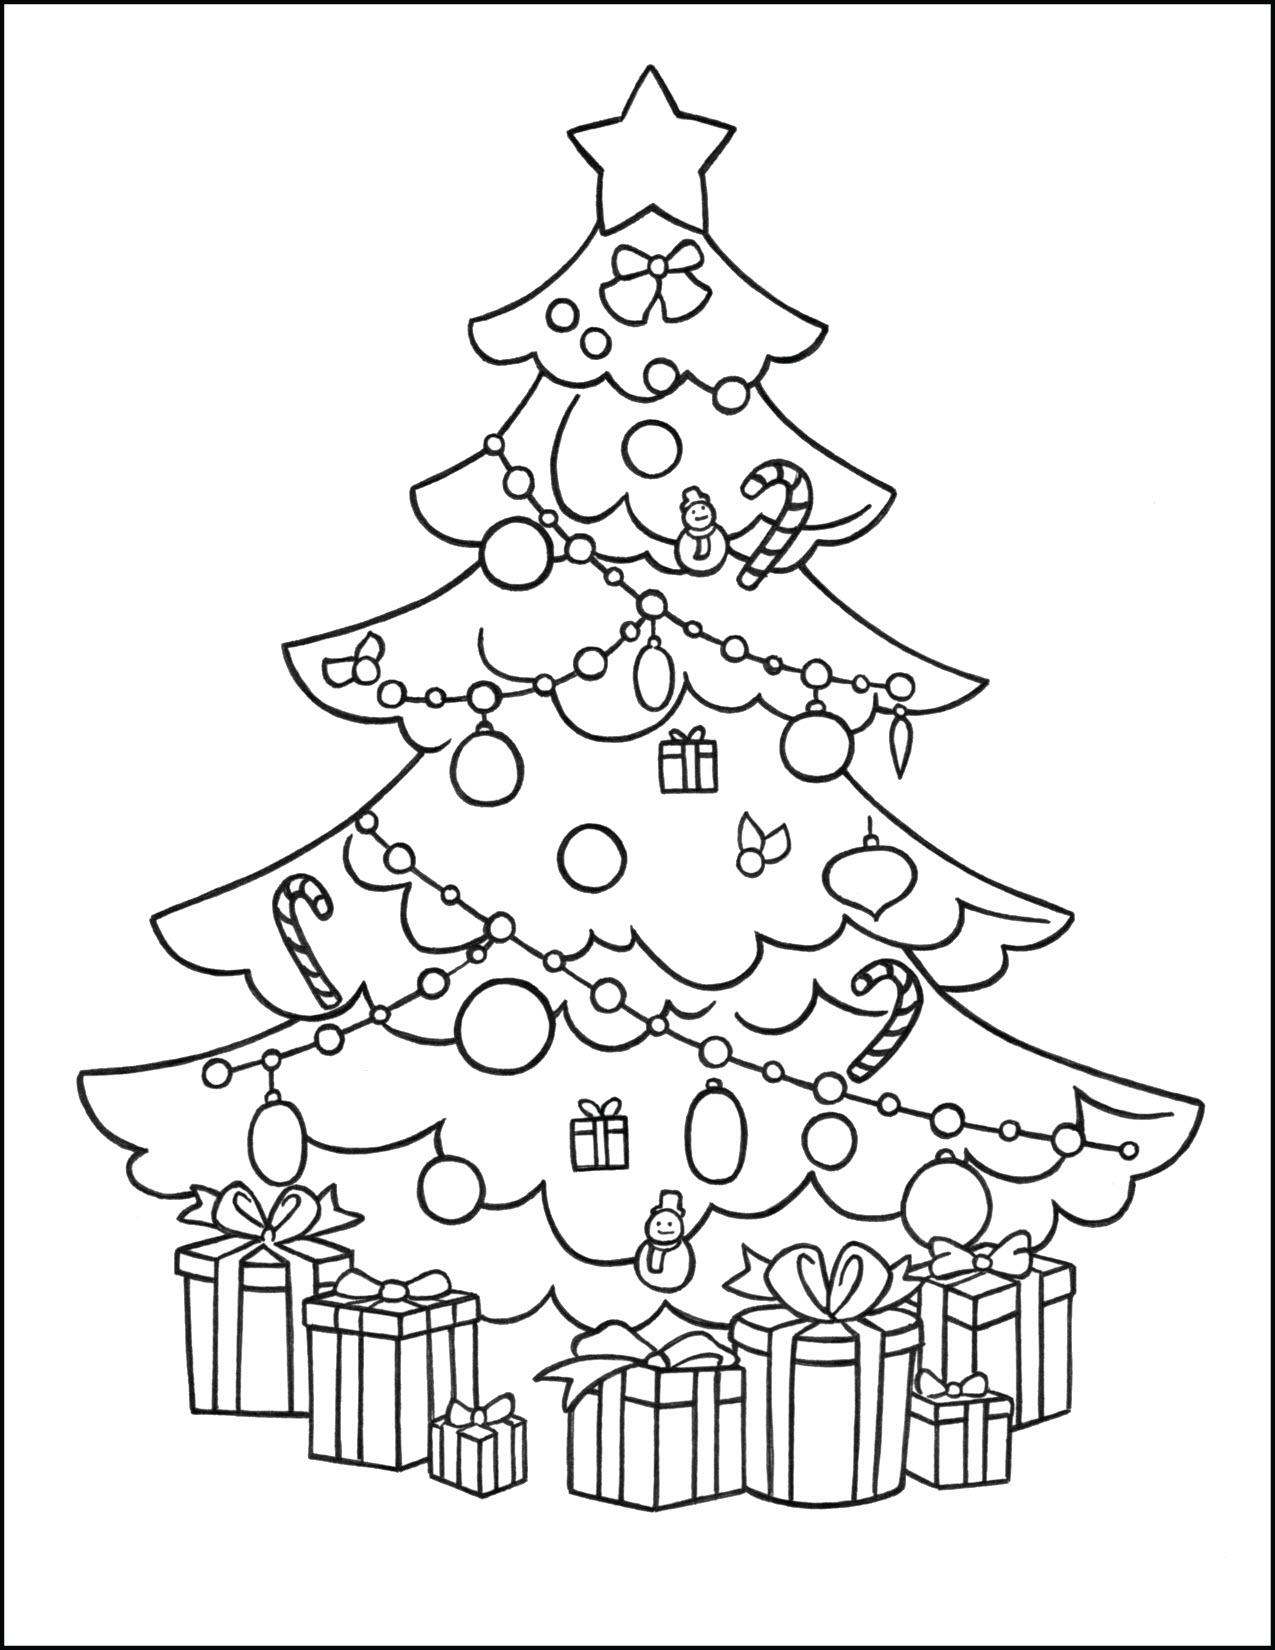 Tranh tô màu cây thông Noel trang hoàng, lộng lẫy